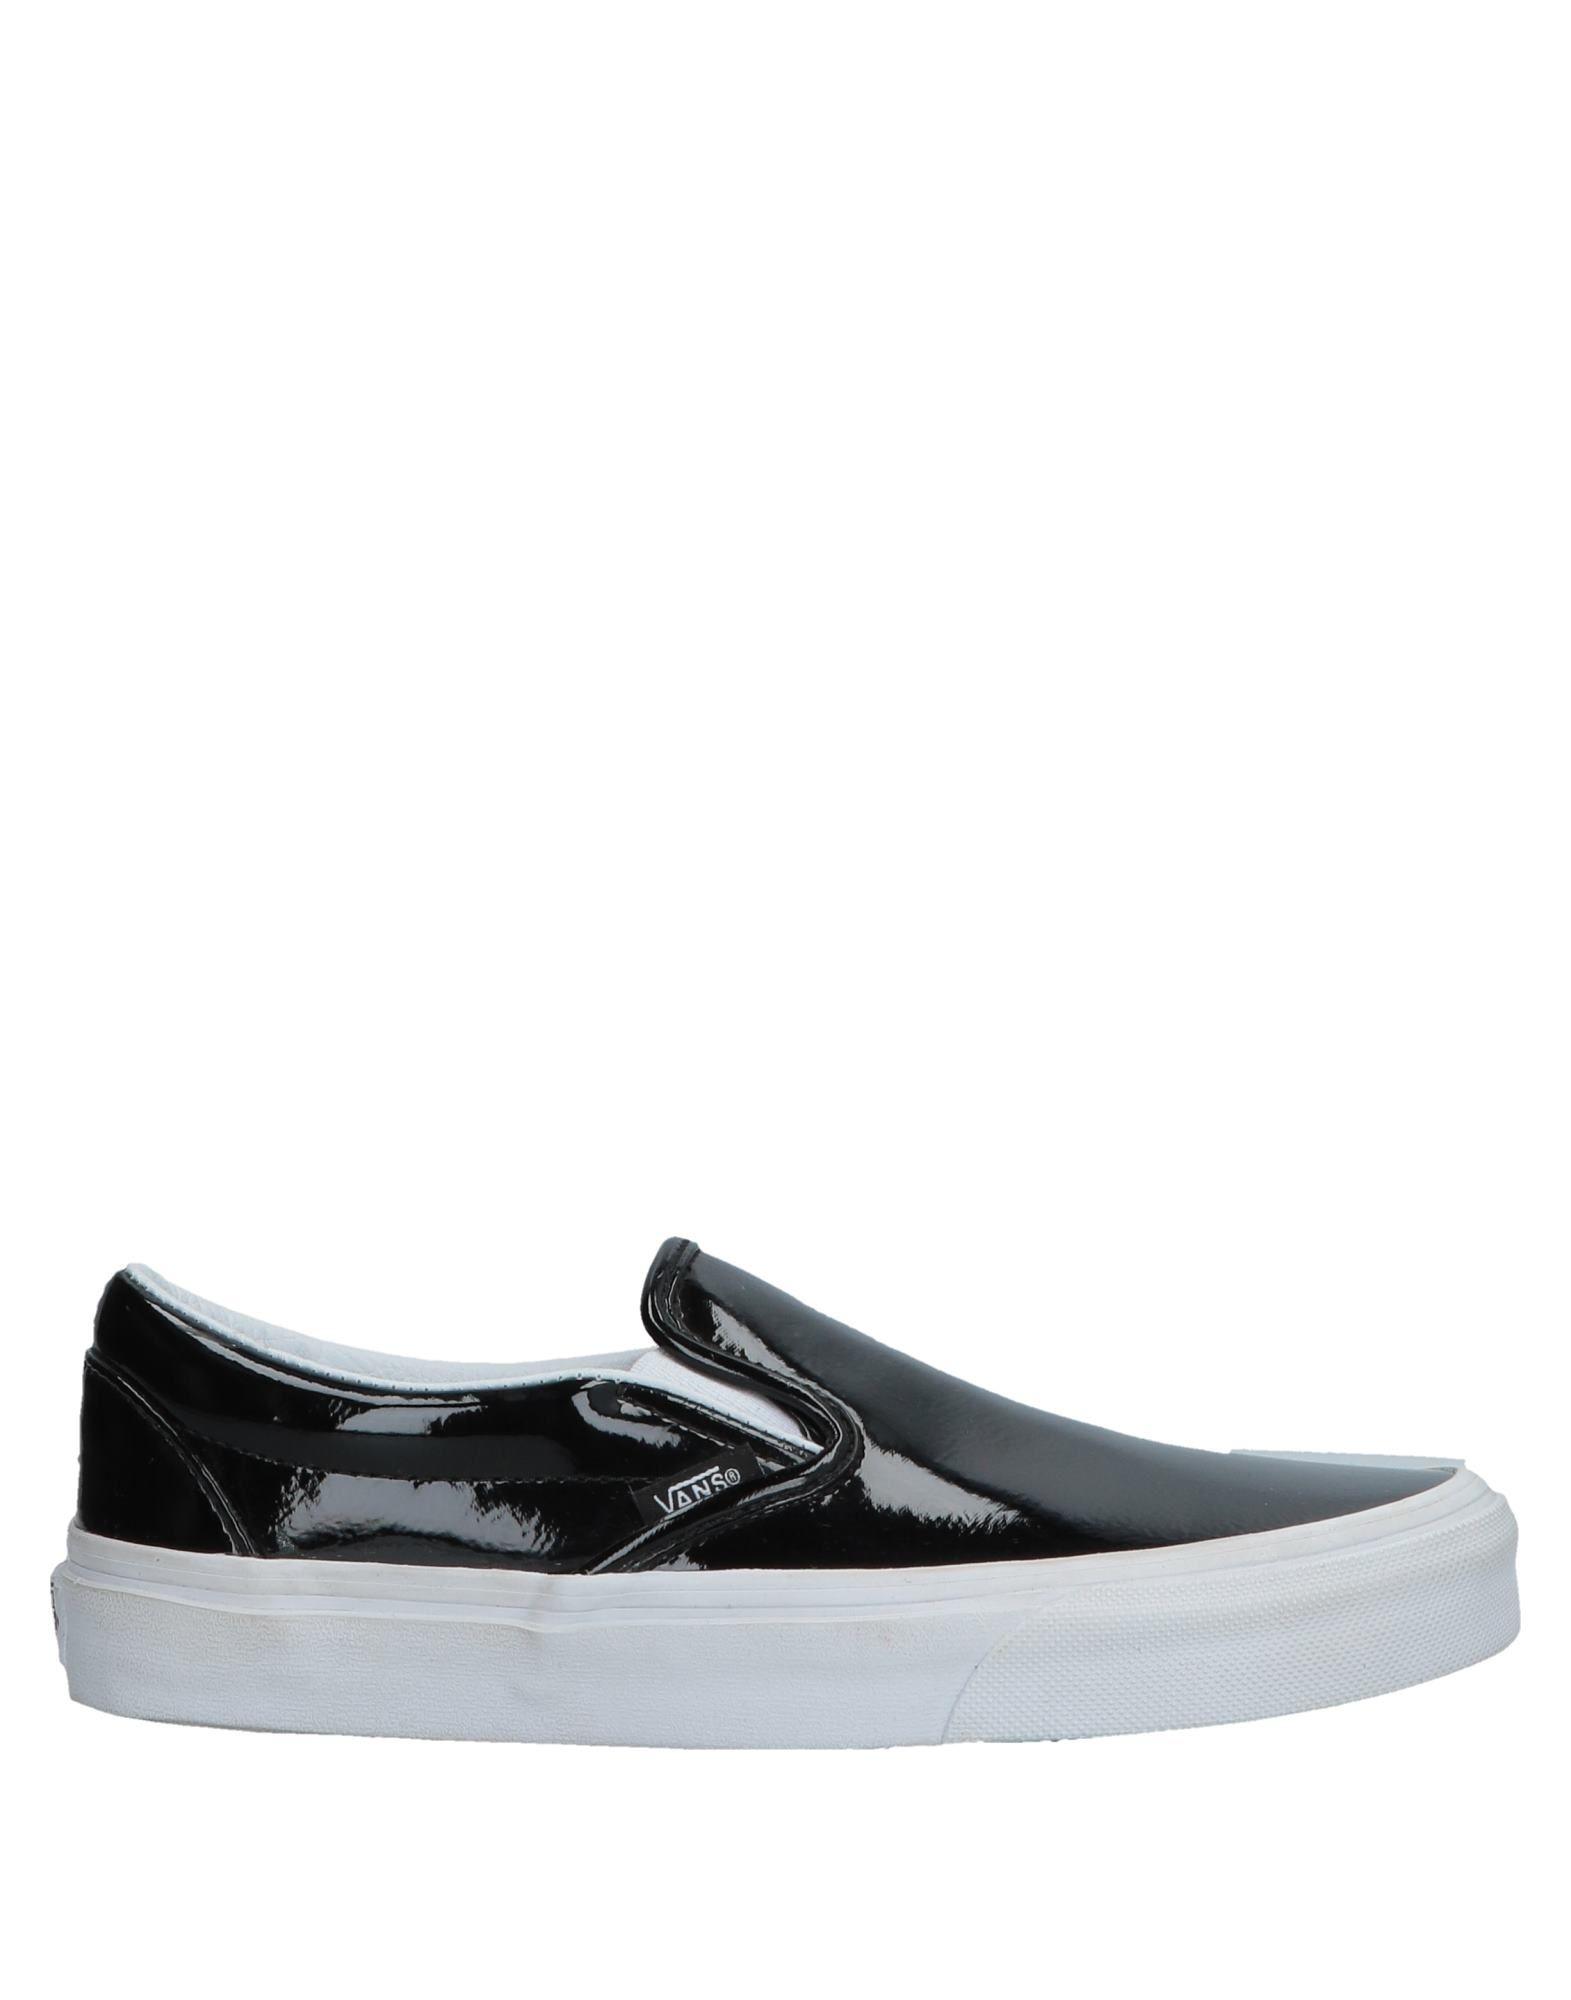 Turnscarpe Vans donna - 11572095LS